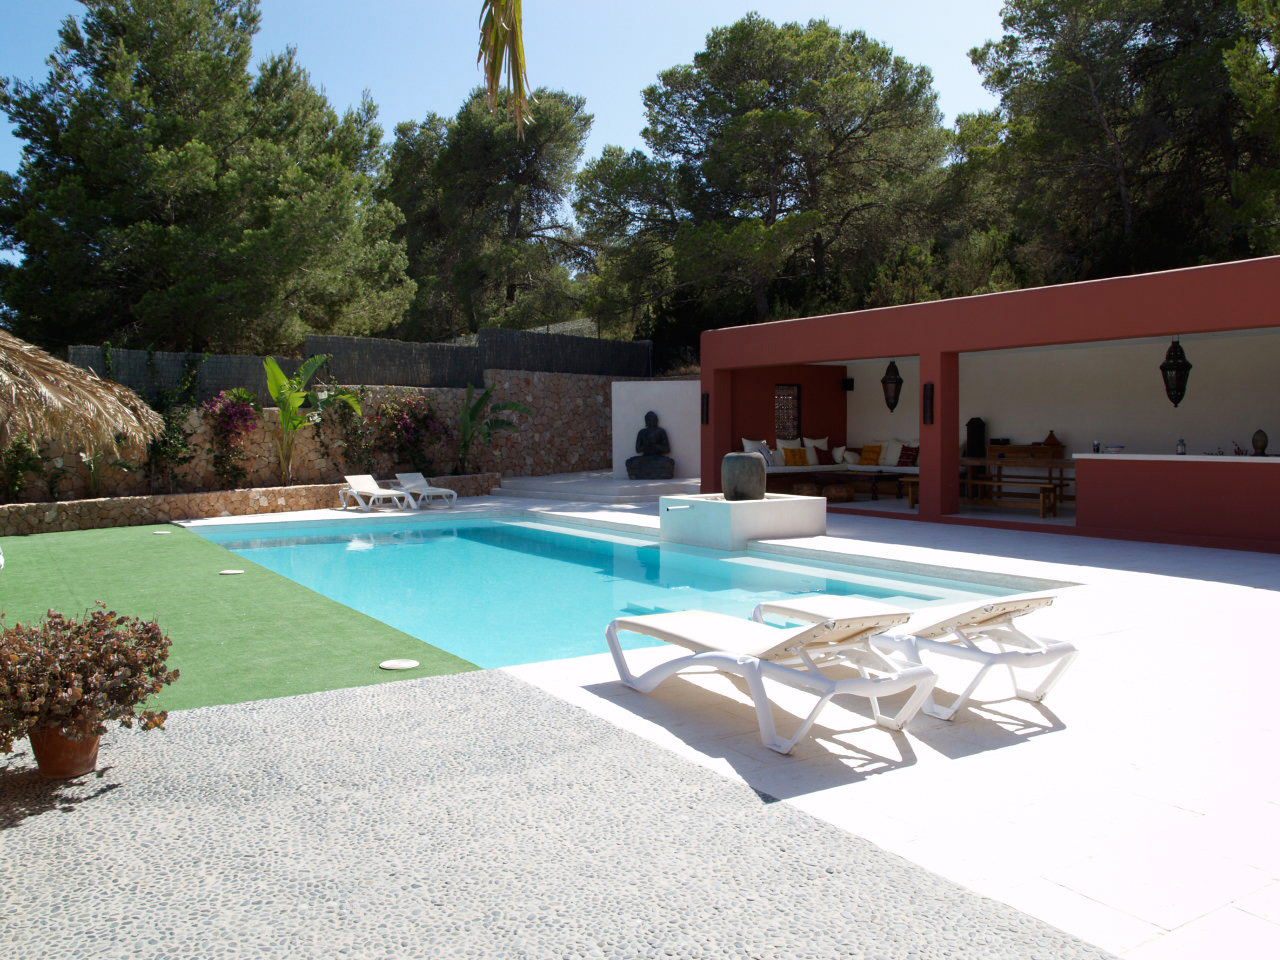 Alquiler de Villa en Cala Vadella - Ibiza (Ref. 738) - 7